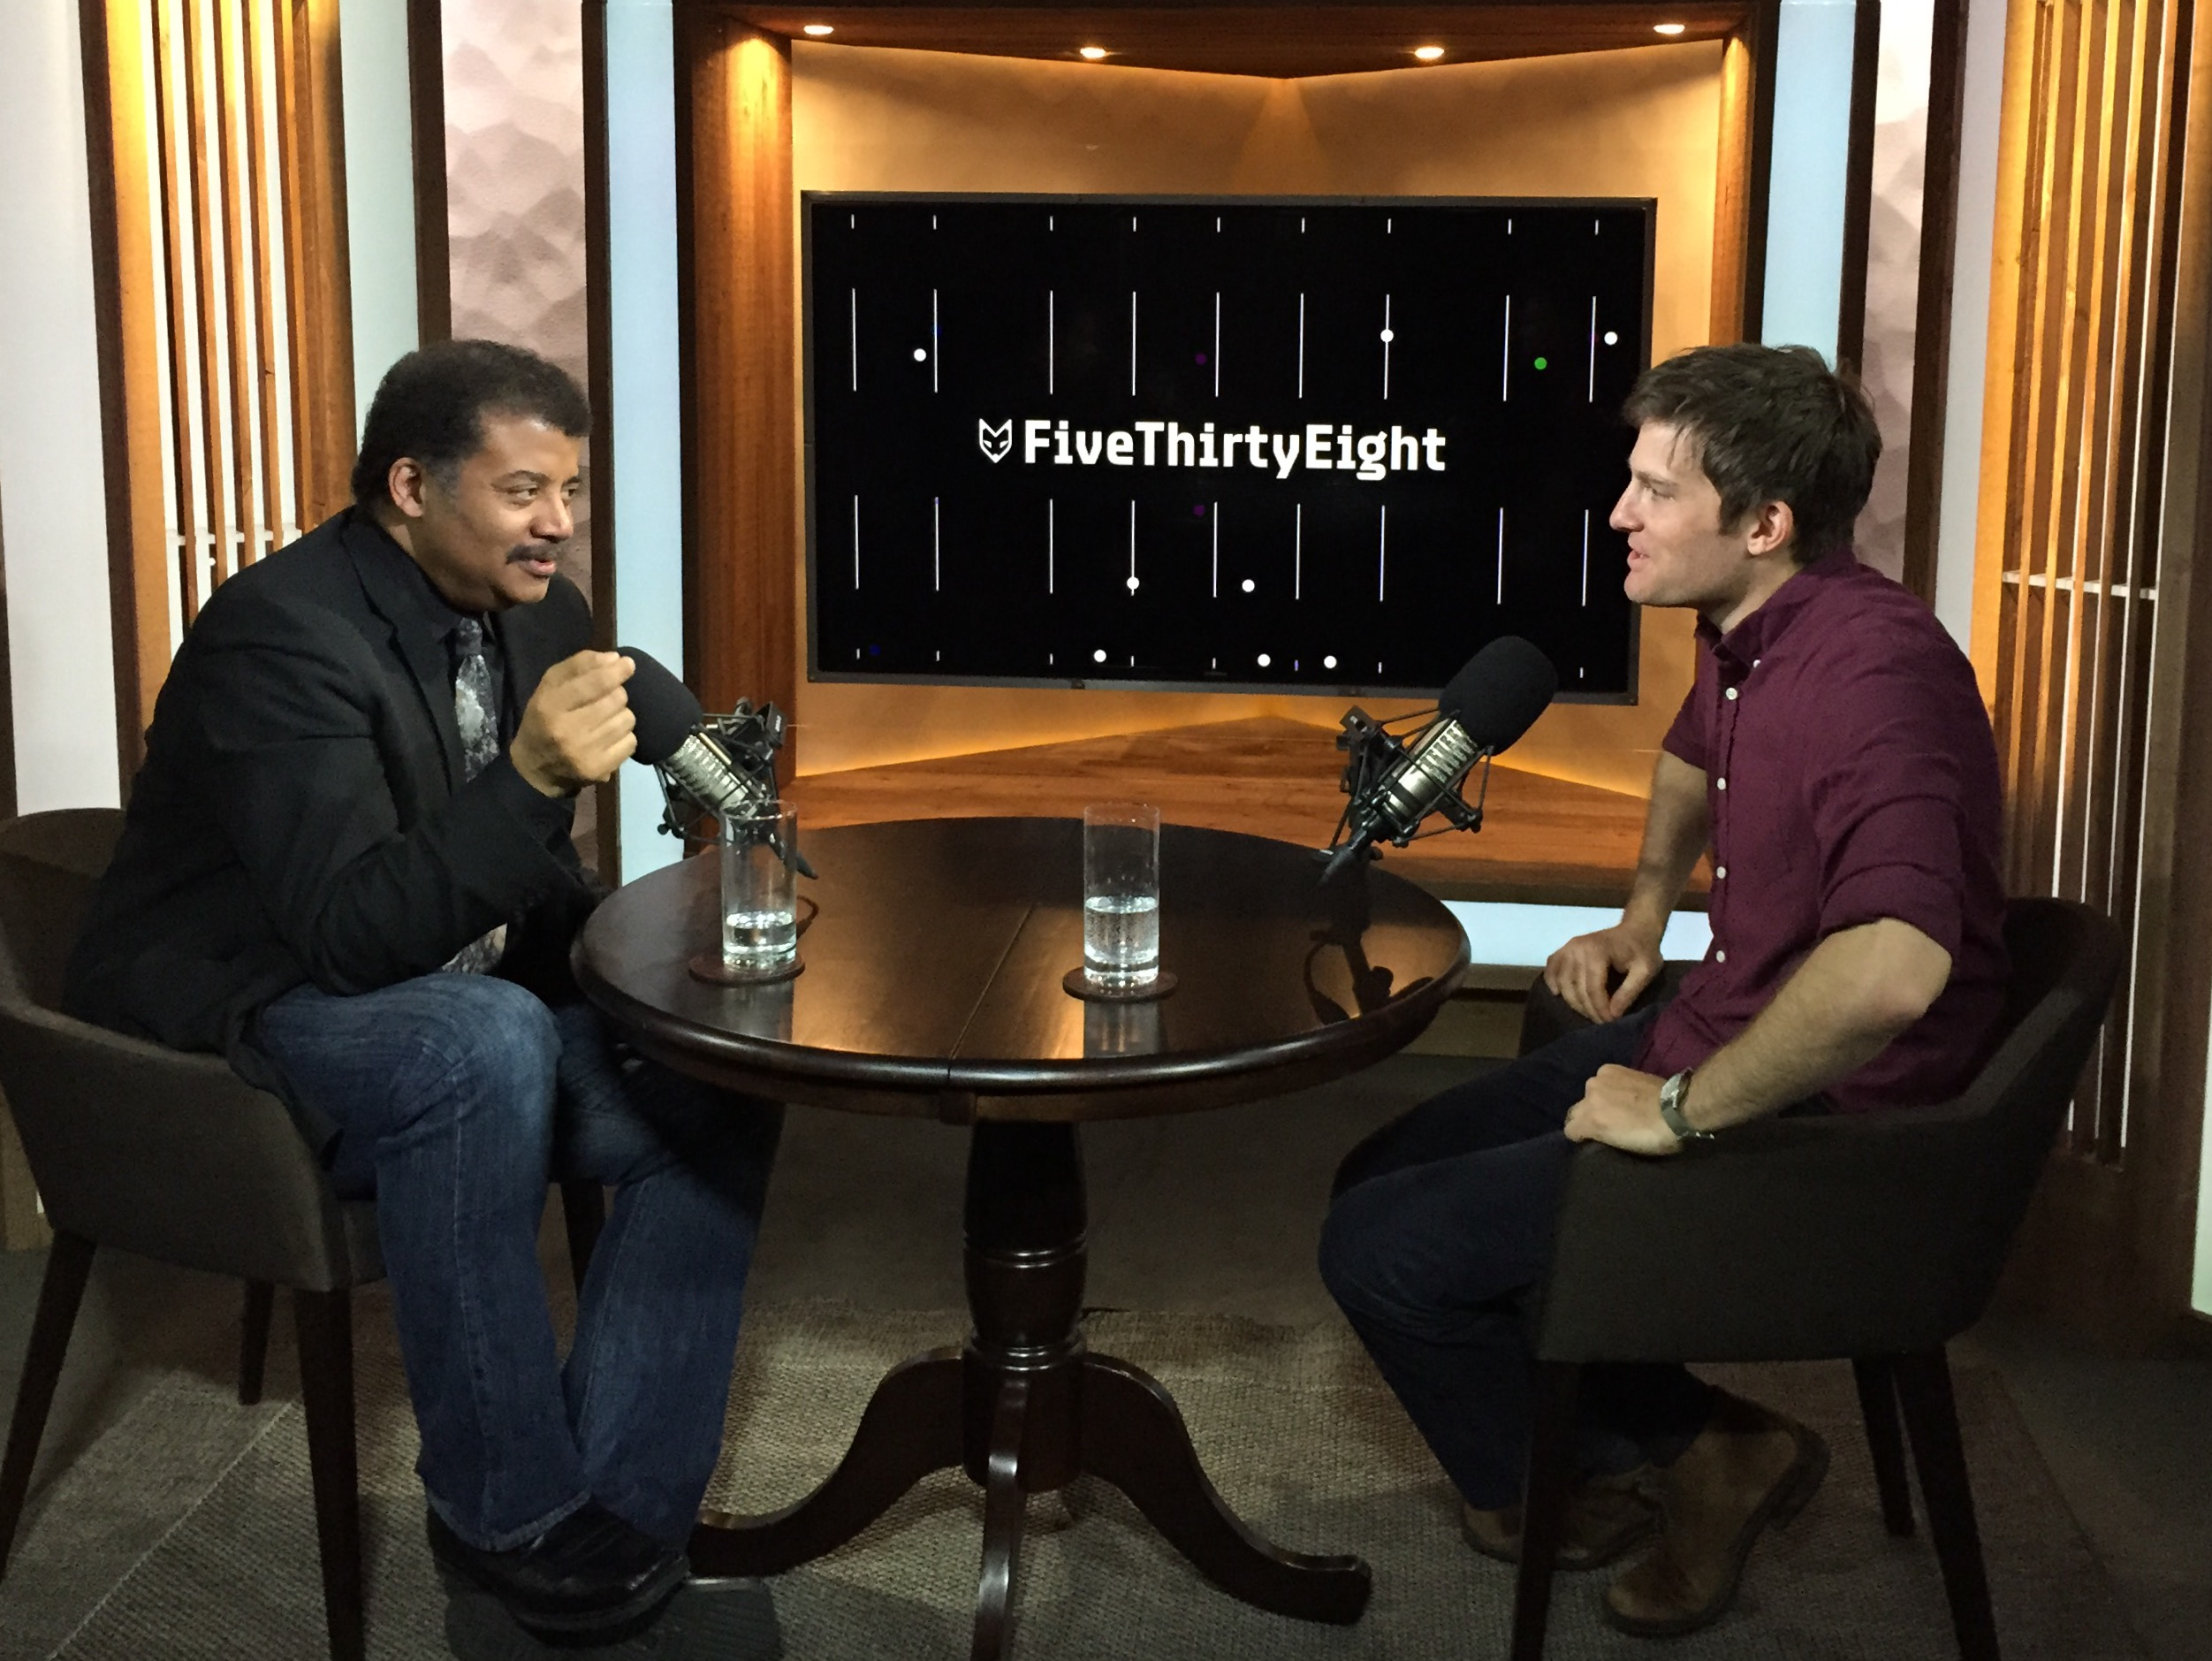 Neil DeGrasse Tyson at FiveThirtyEight